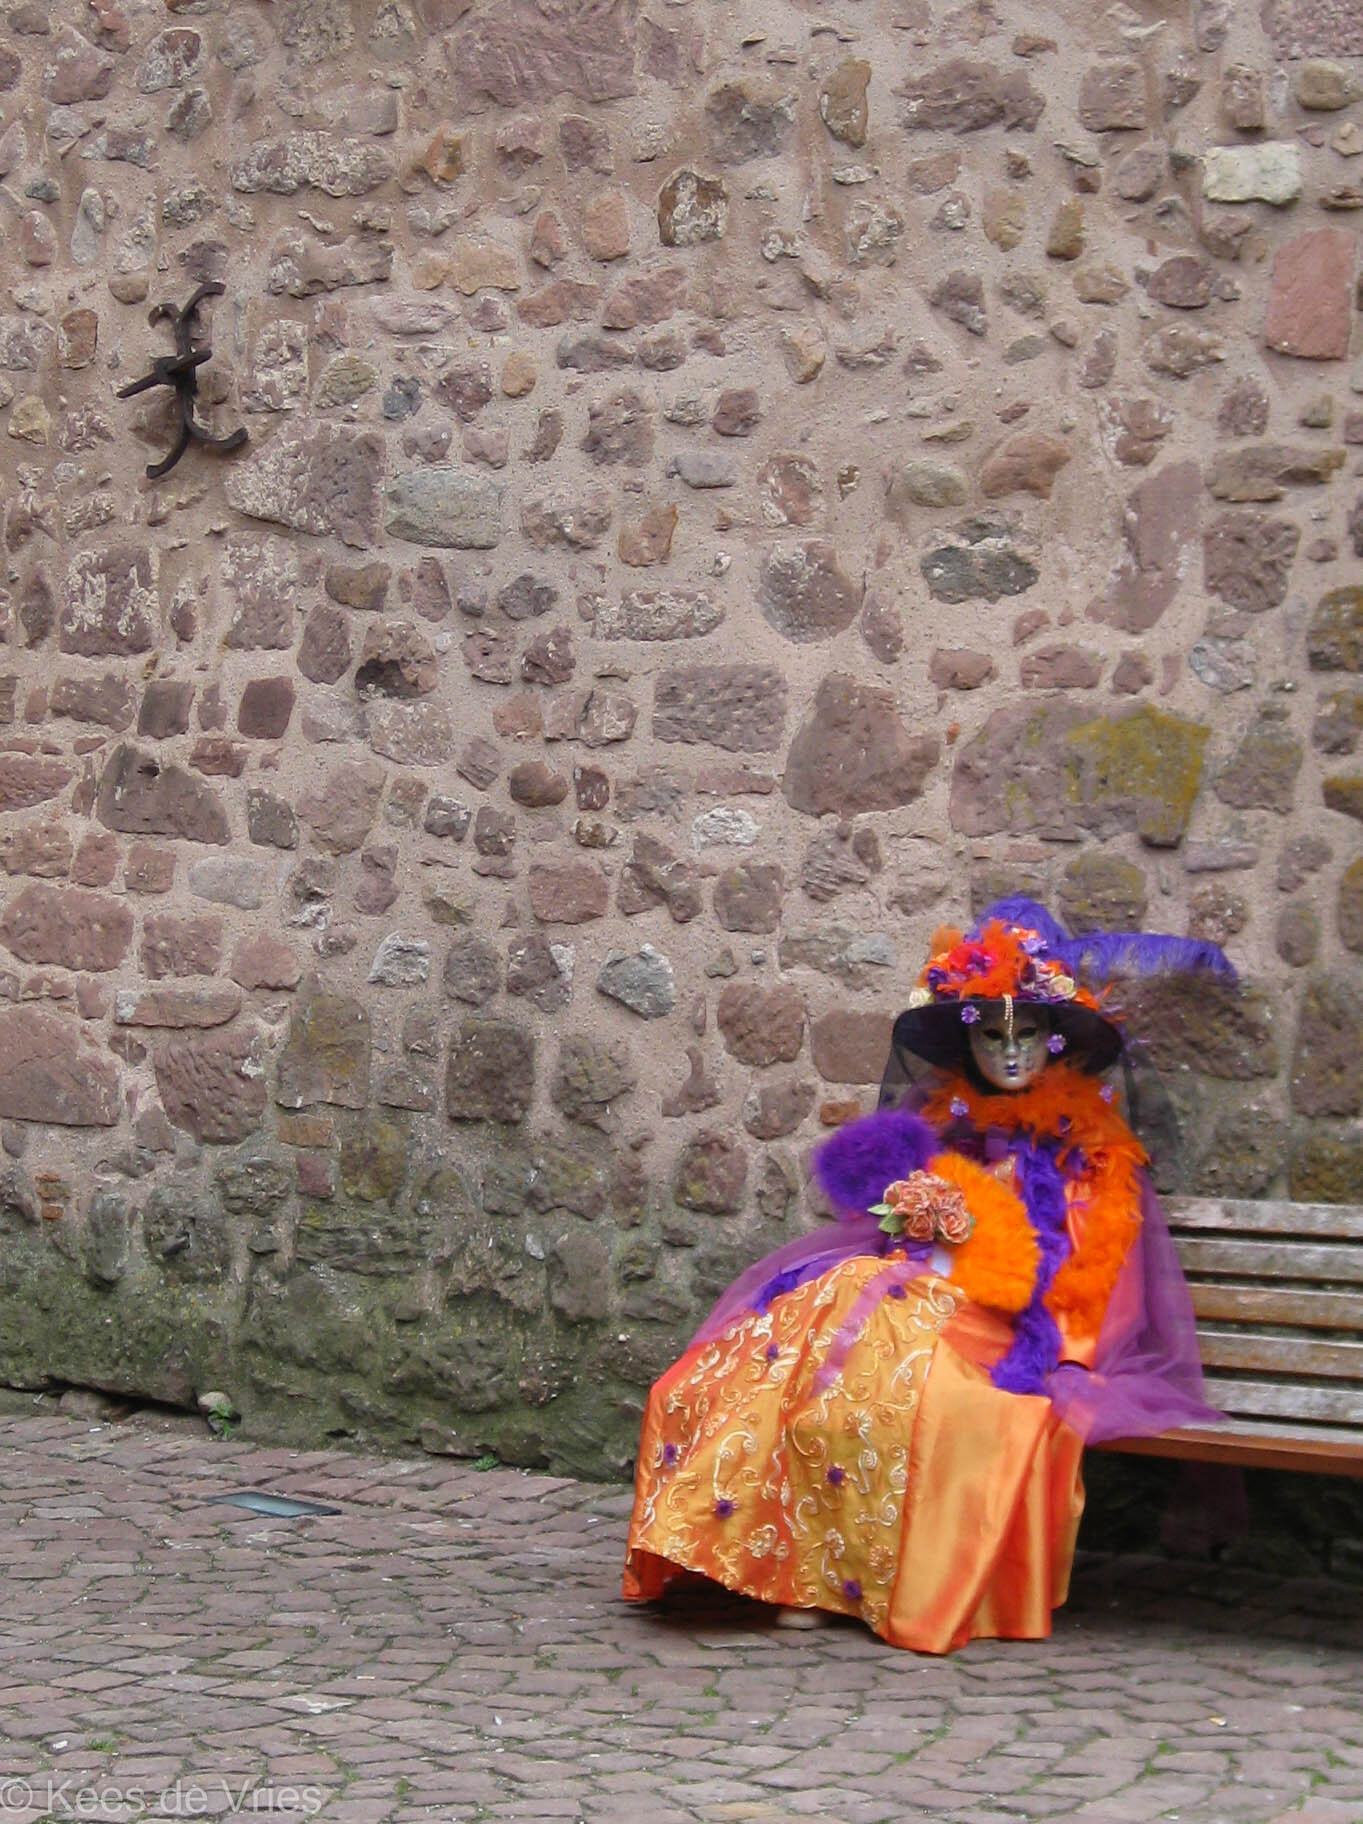 Elzas 2012 - Venetiaanse Parade in Riquewihr in de Elzas - foto door KdV59 op 05-05-2021 - locatie: 68340 Riquewihr, Frankrijk - deze foto bevat: muur, vloeren, steen, tinten en schakeringen, reizen, weg oppervlak, weg, landschap, straatmode, door